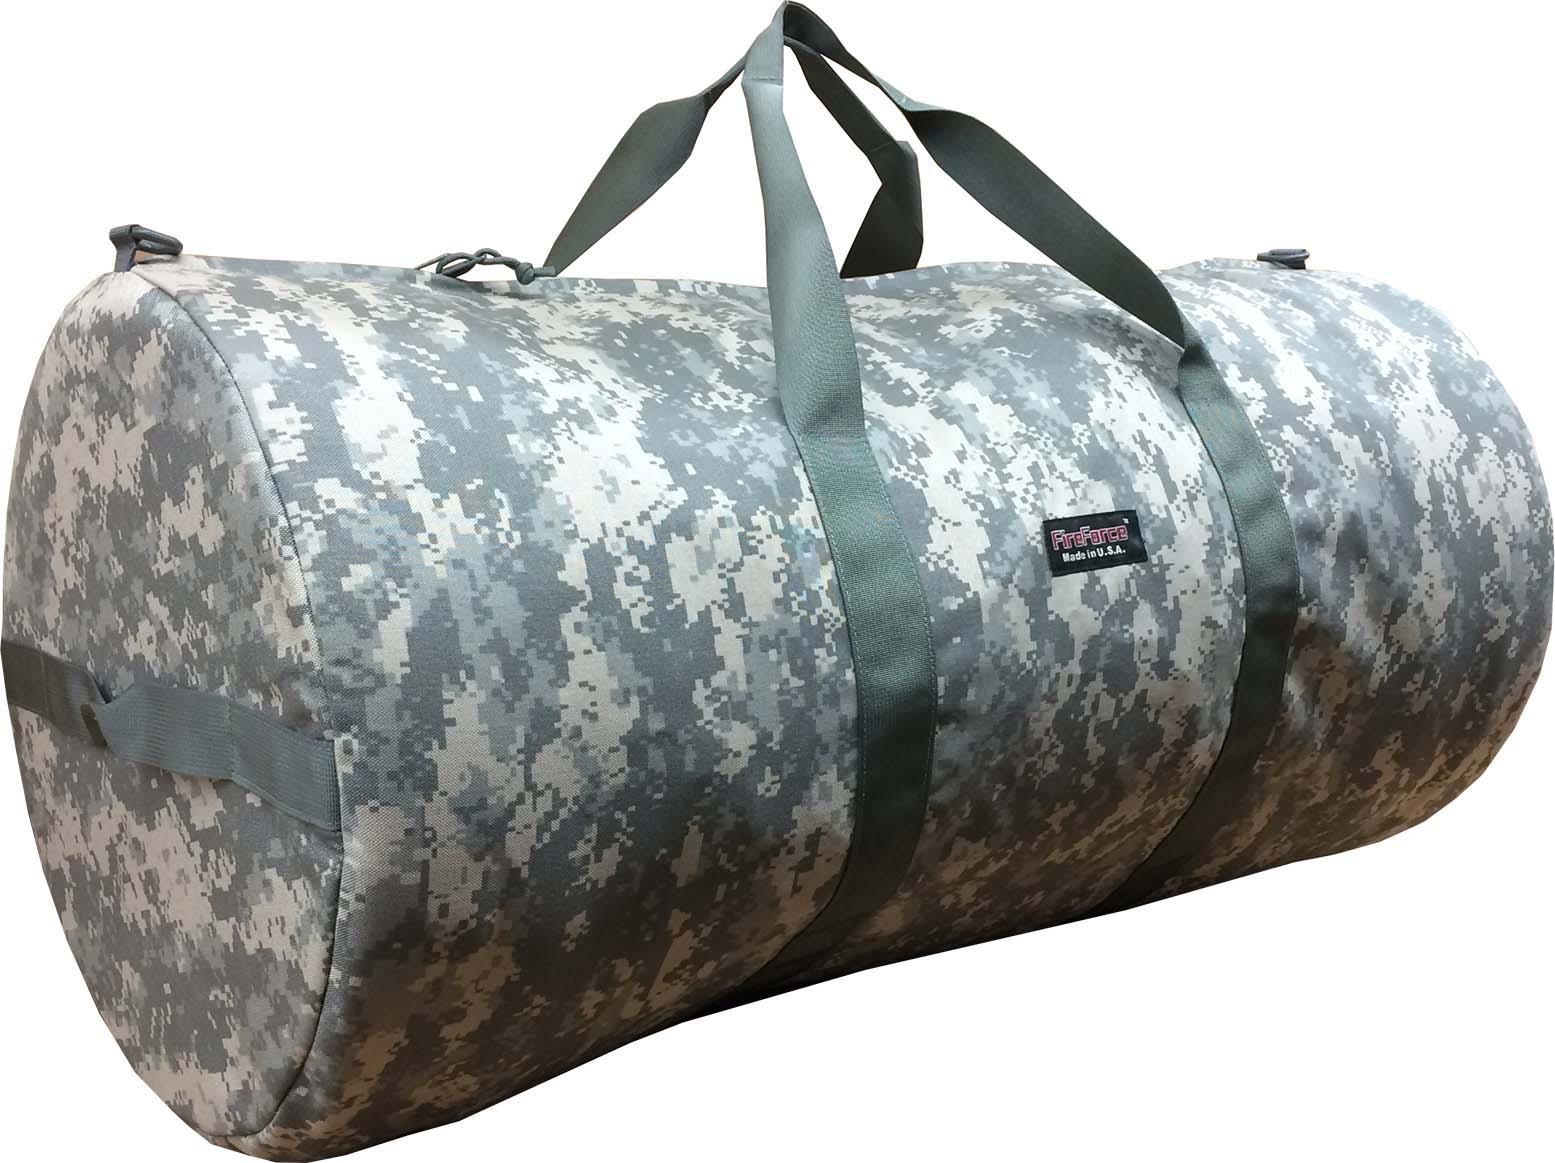 Trainers Duffel Bag Personal c0c88713f6f21